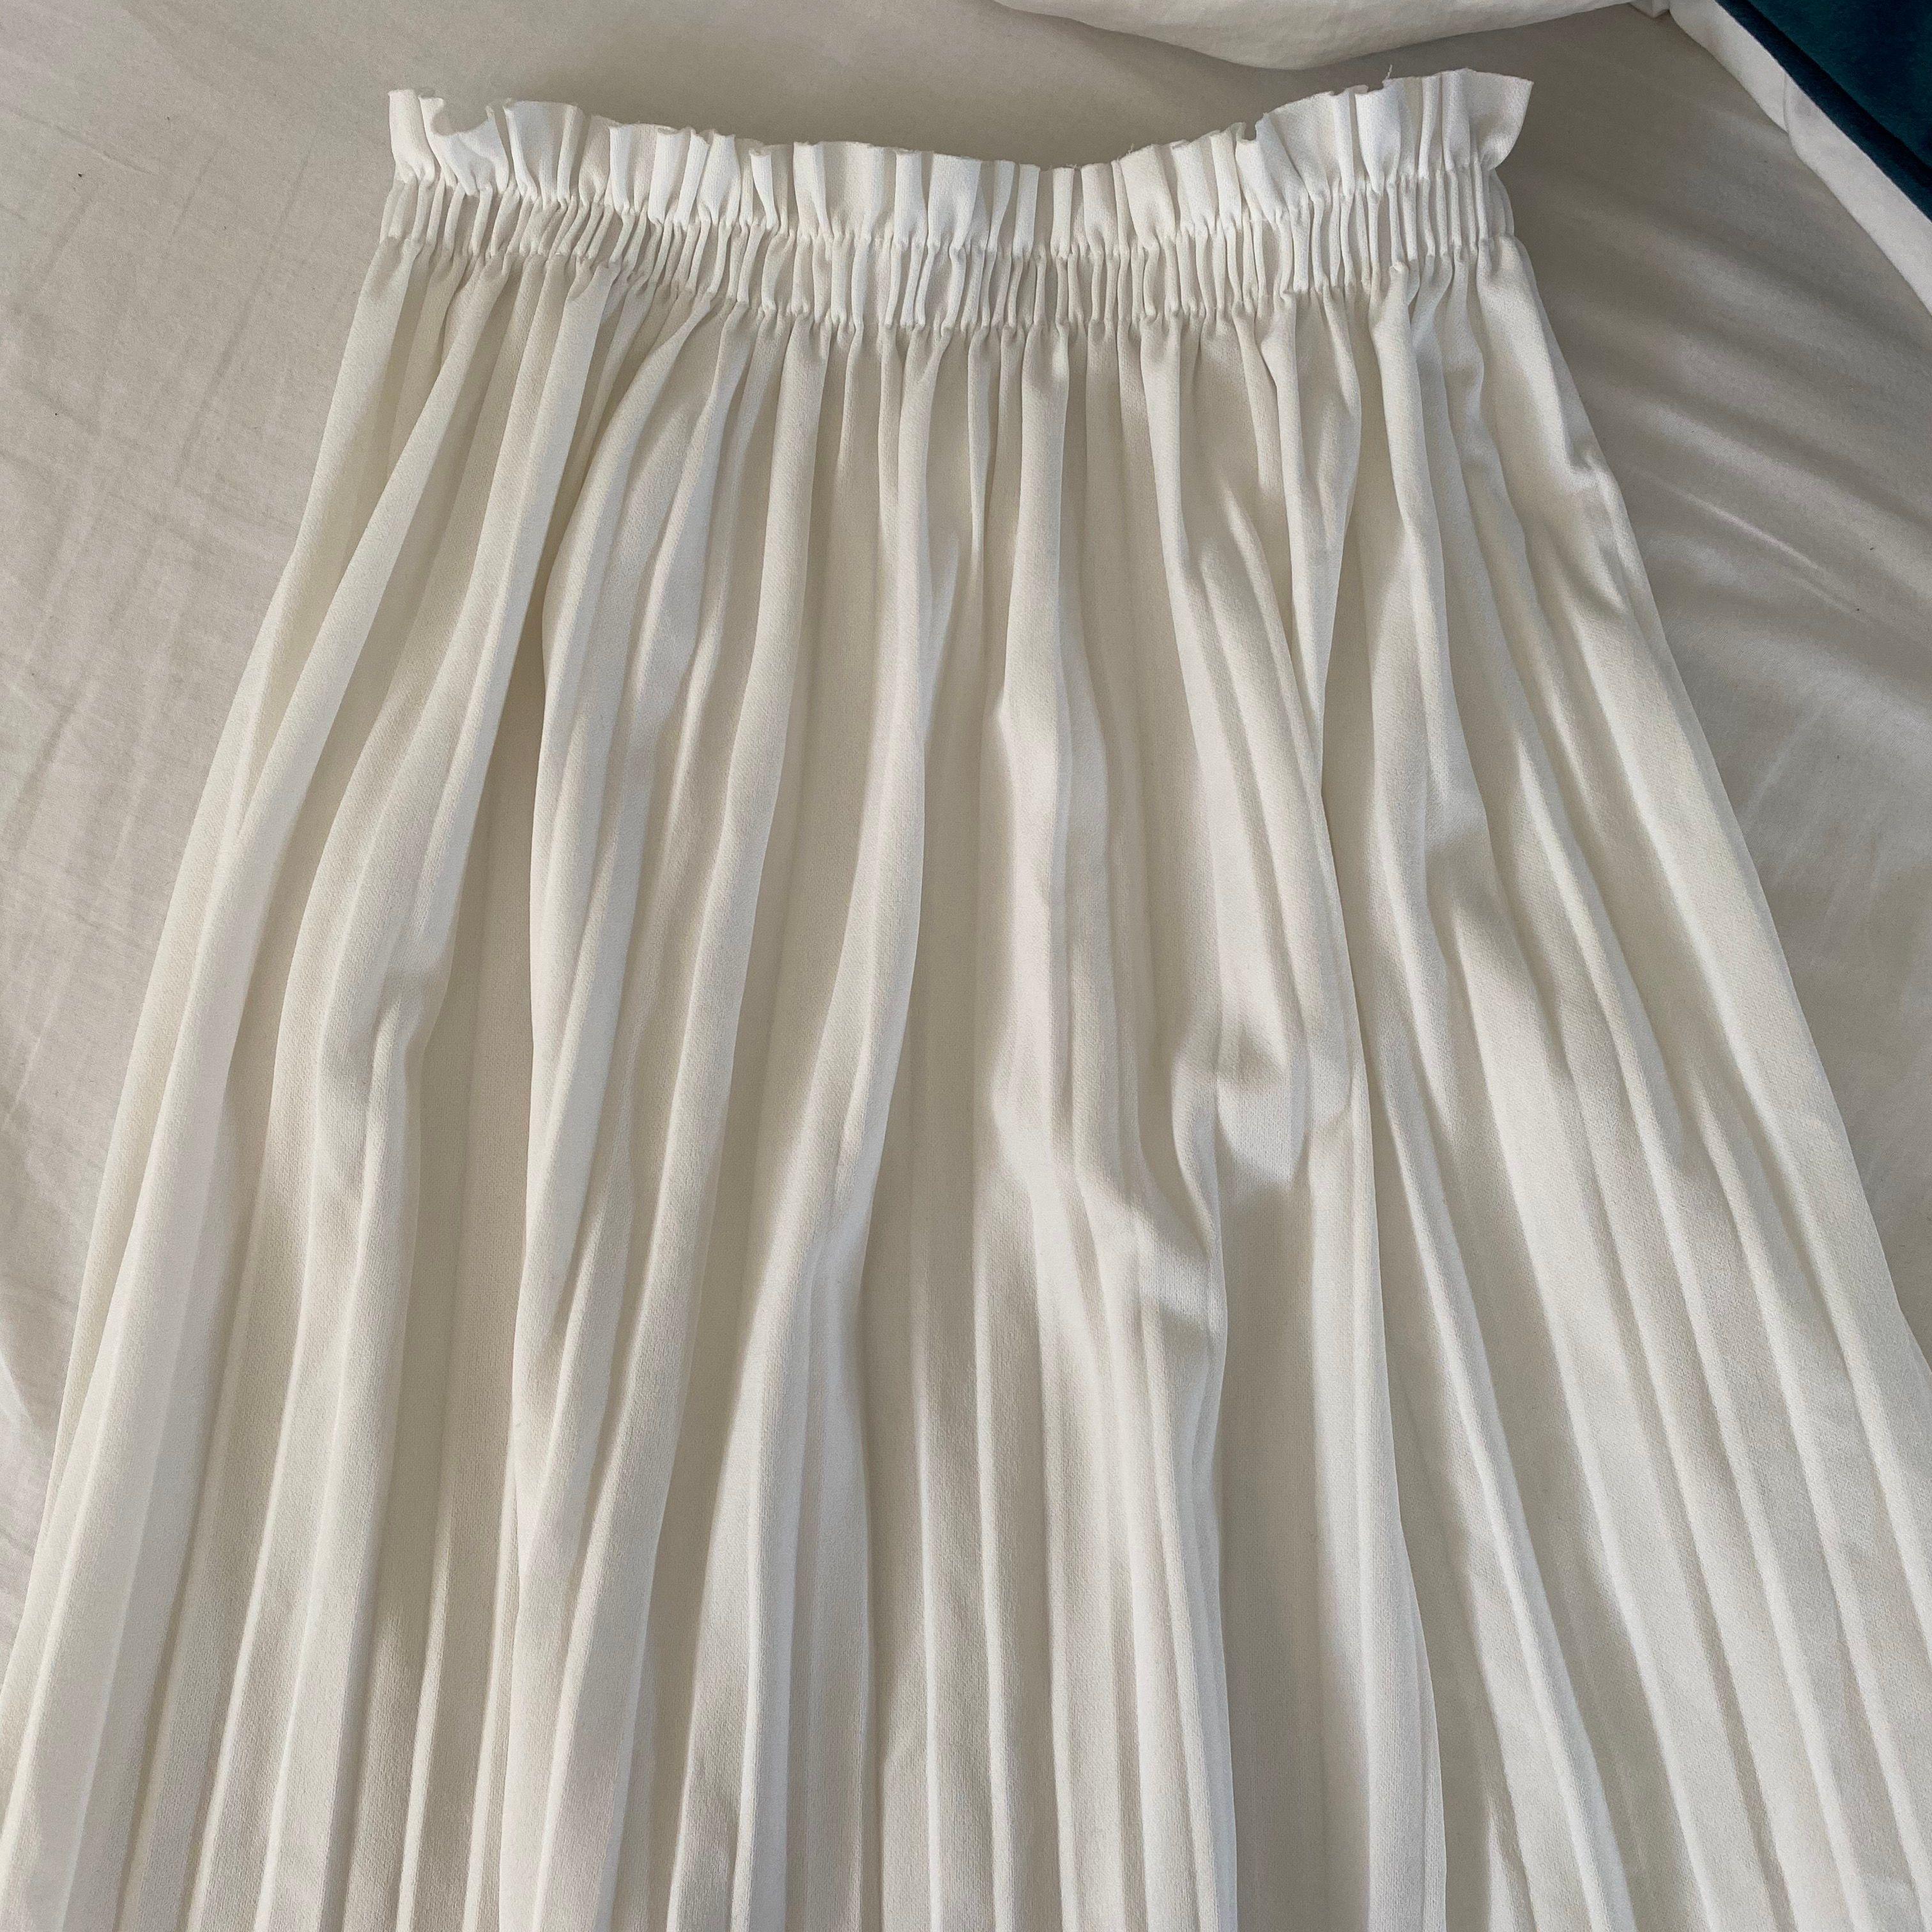 Säljer denna fina kjolen då jag har en till likande. Köpt på nån affär i Spanien 💕 skulle säga att den passar både XS och S då den är väldigt stretchig vid midjan. Frakt tillkommer 💕💖 HÖGSTA BUD JUST NU: 175kr + frakt (65kr). Kjolar.